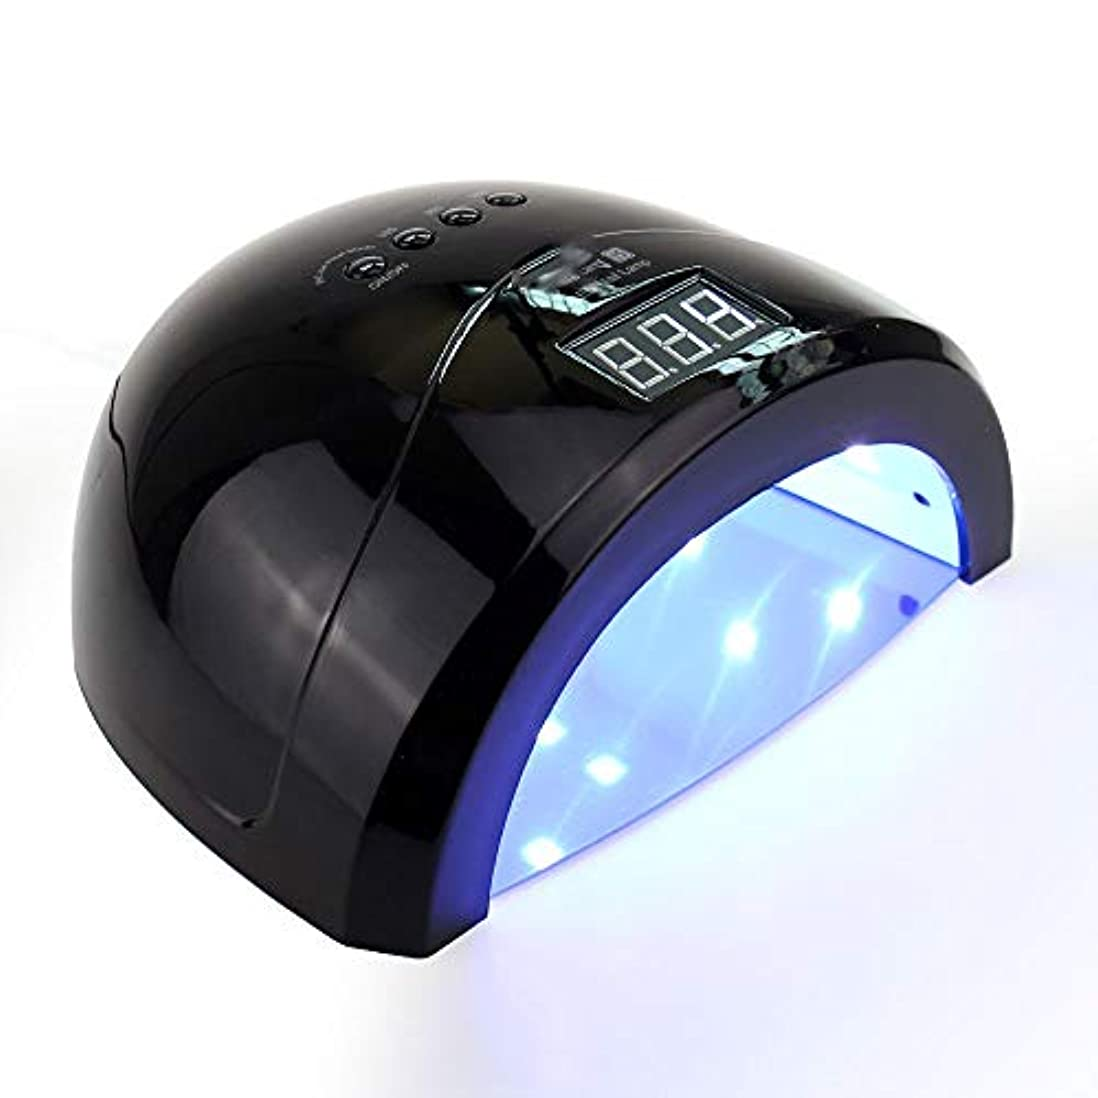 次へ借りる日帰り旅行にネイルドライヤー - ネイルポリッシュランプled光線療法機48ワットスマート誘導ネイルポリッシュグルーベーキングランプ10秒/ 30秒/ 60秒タイマー,Black